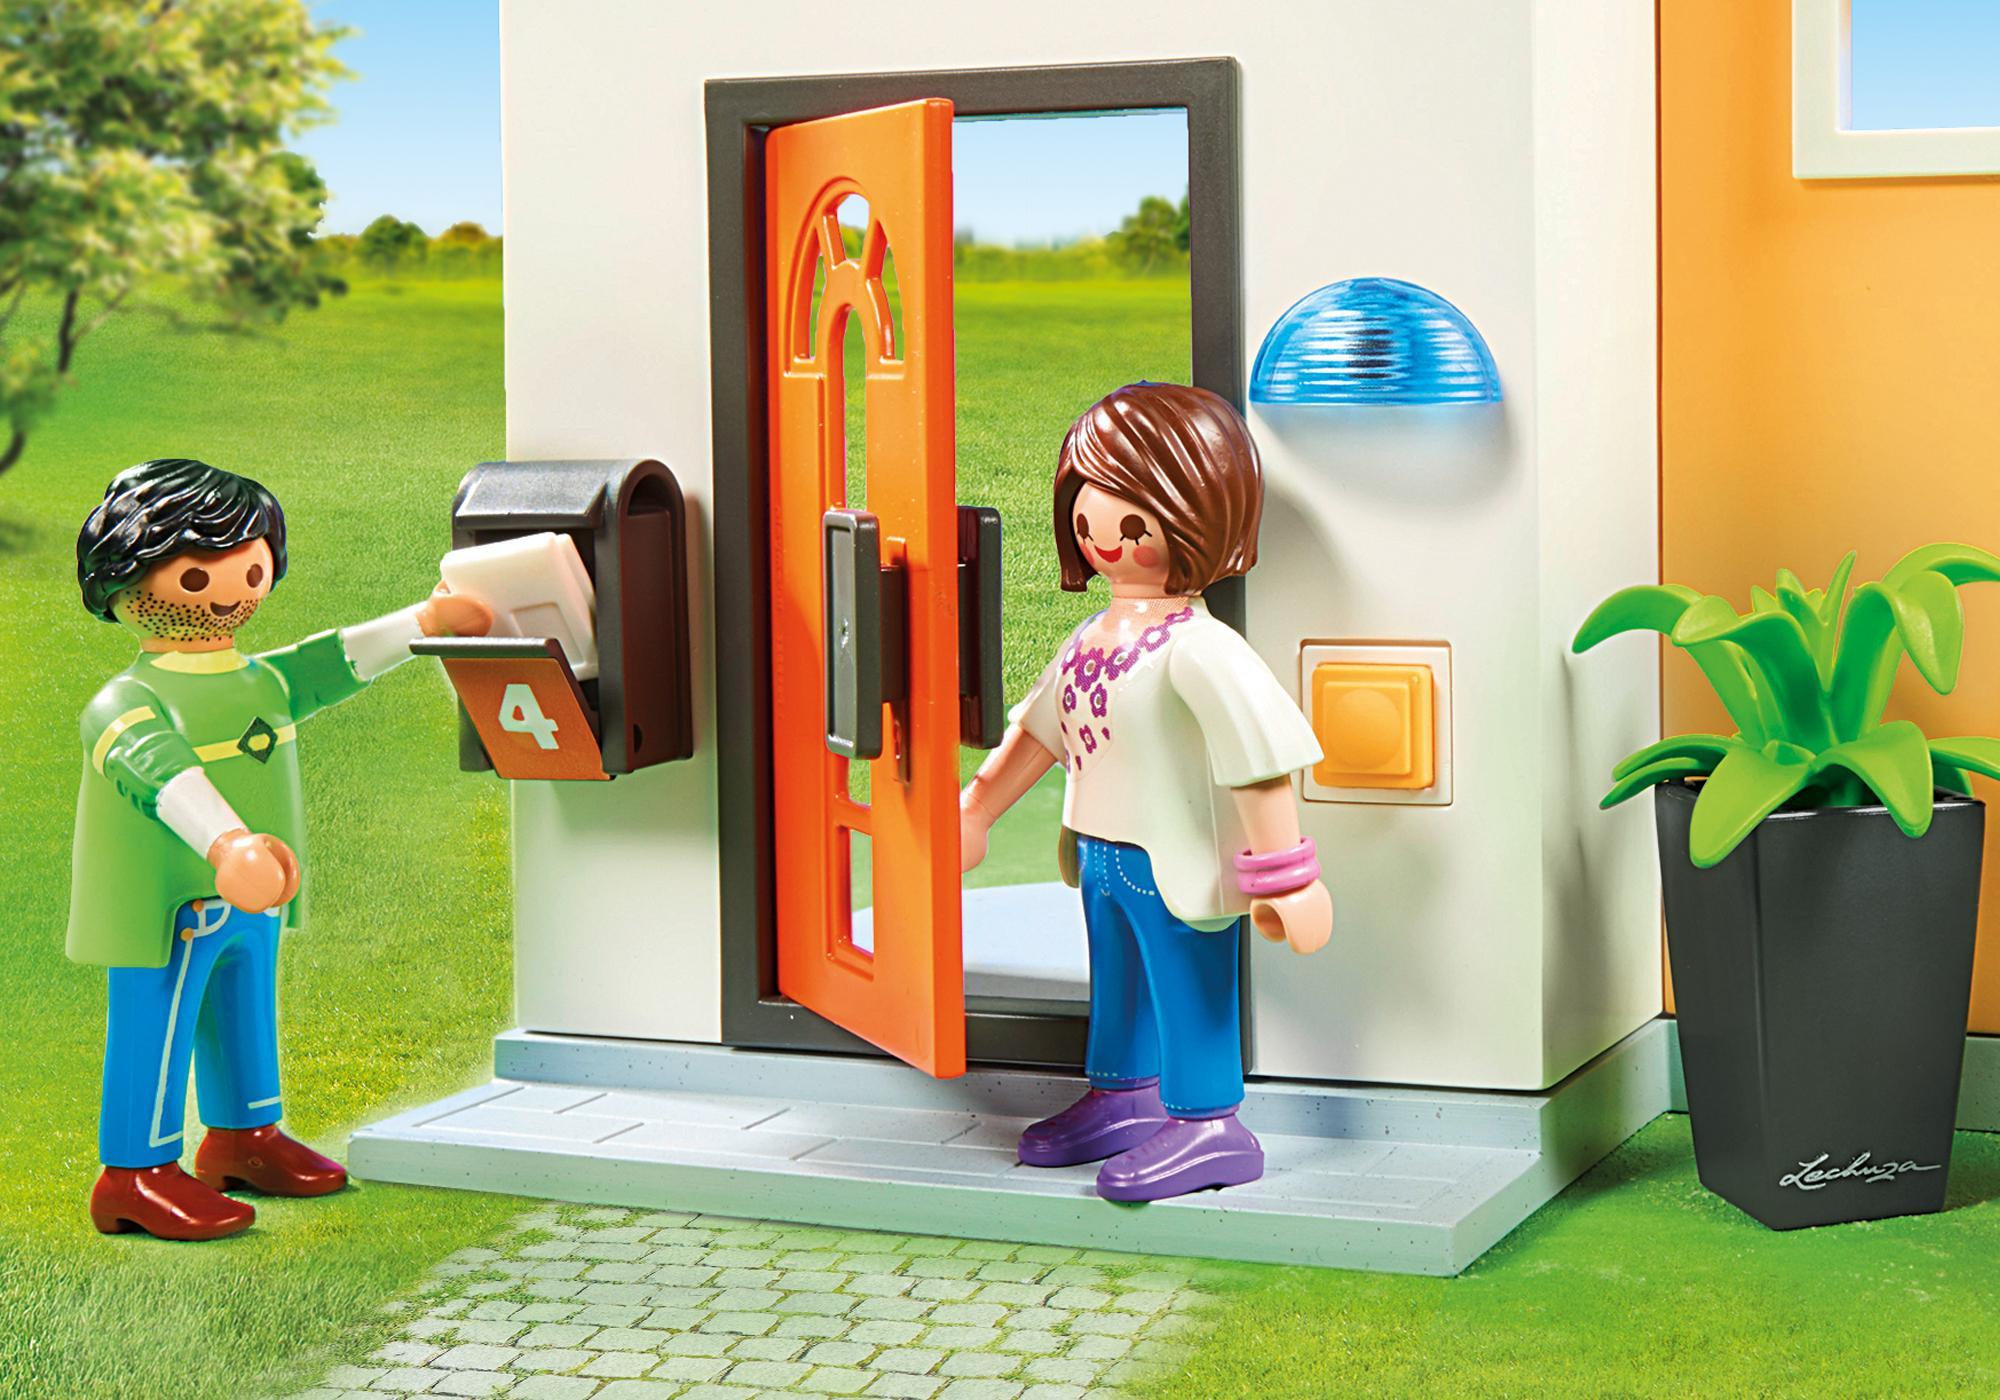 http://media.playmobil.com/i/playmobil/9266_product_extra4/Modernes Wohnhaus